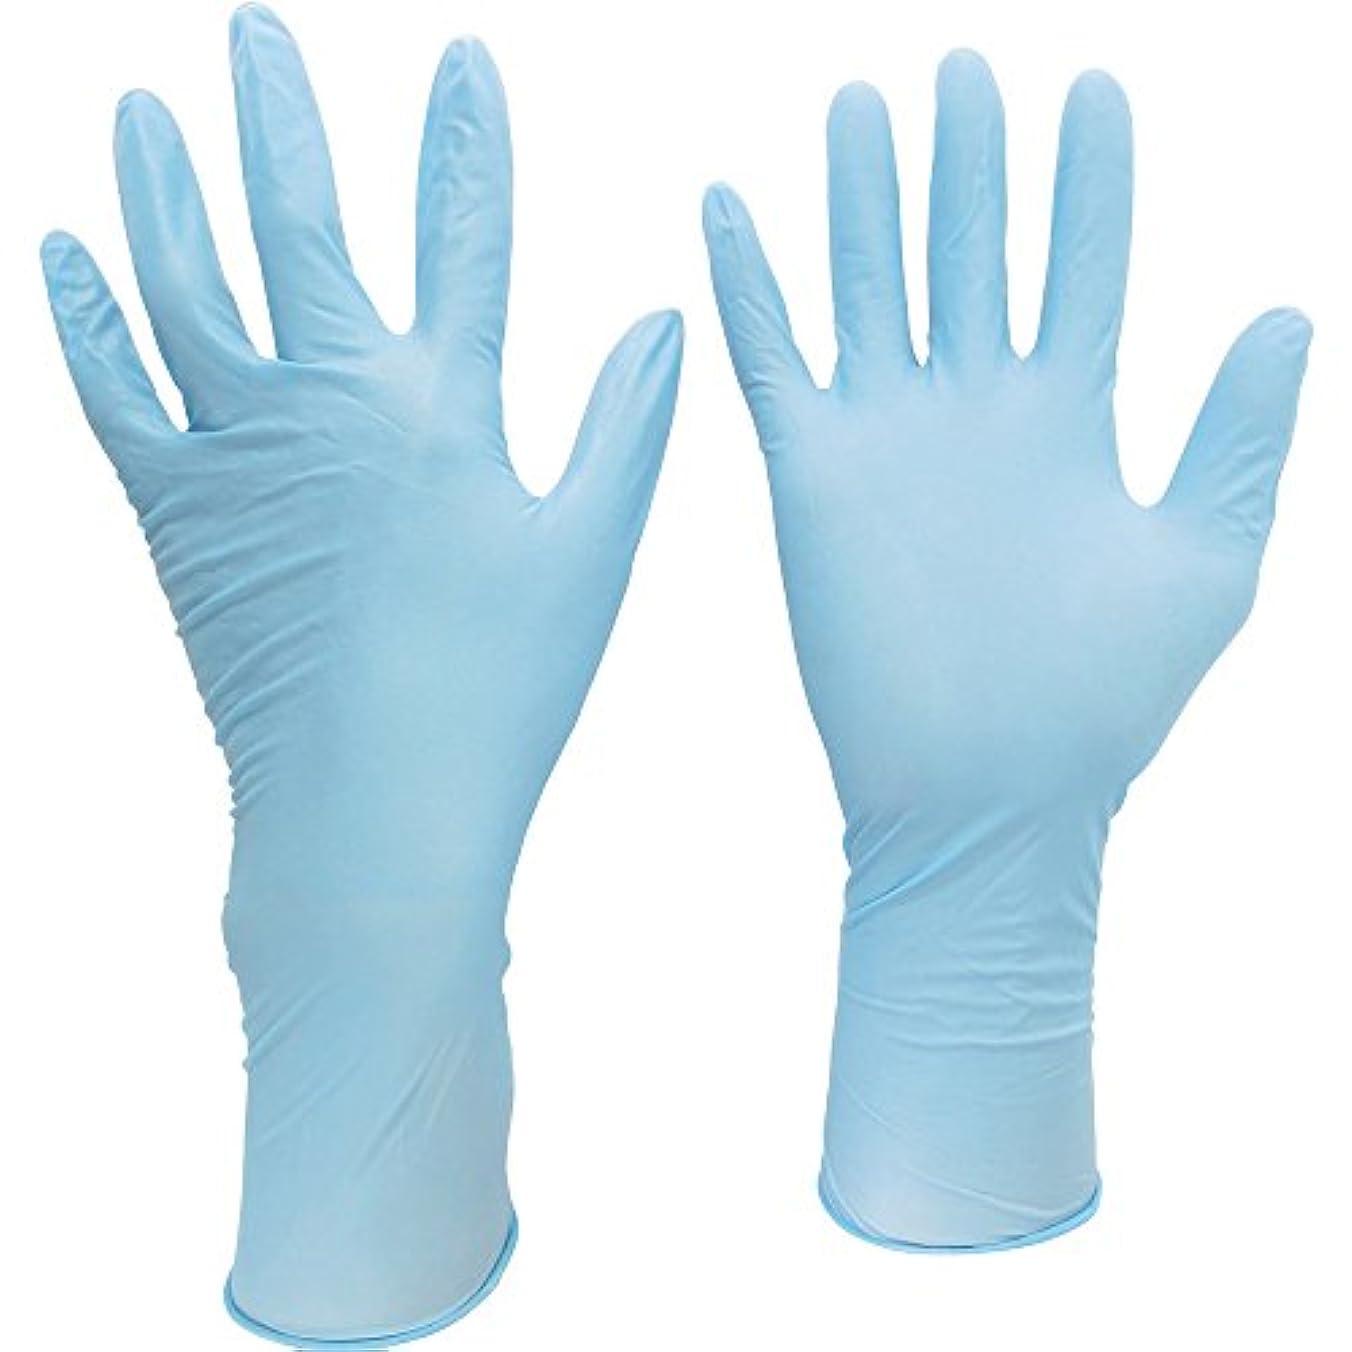 限られたプレフィックス遠足ミドリ安全 ニトリル使い捨て手袋 ロング 厚手 粉なし 青 LL (50枚入) VERTE-755R-LL ニトリルゴム使い捨て手袋